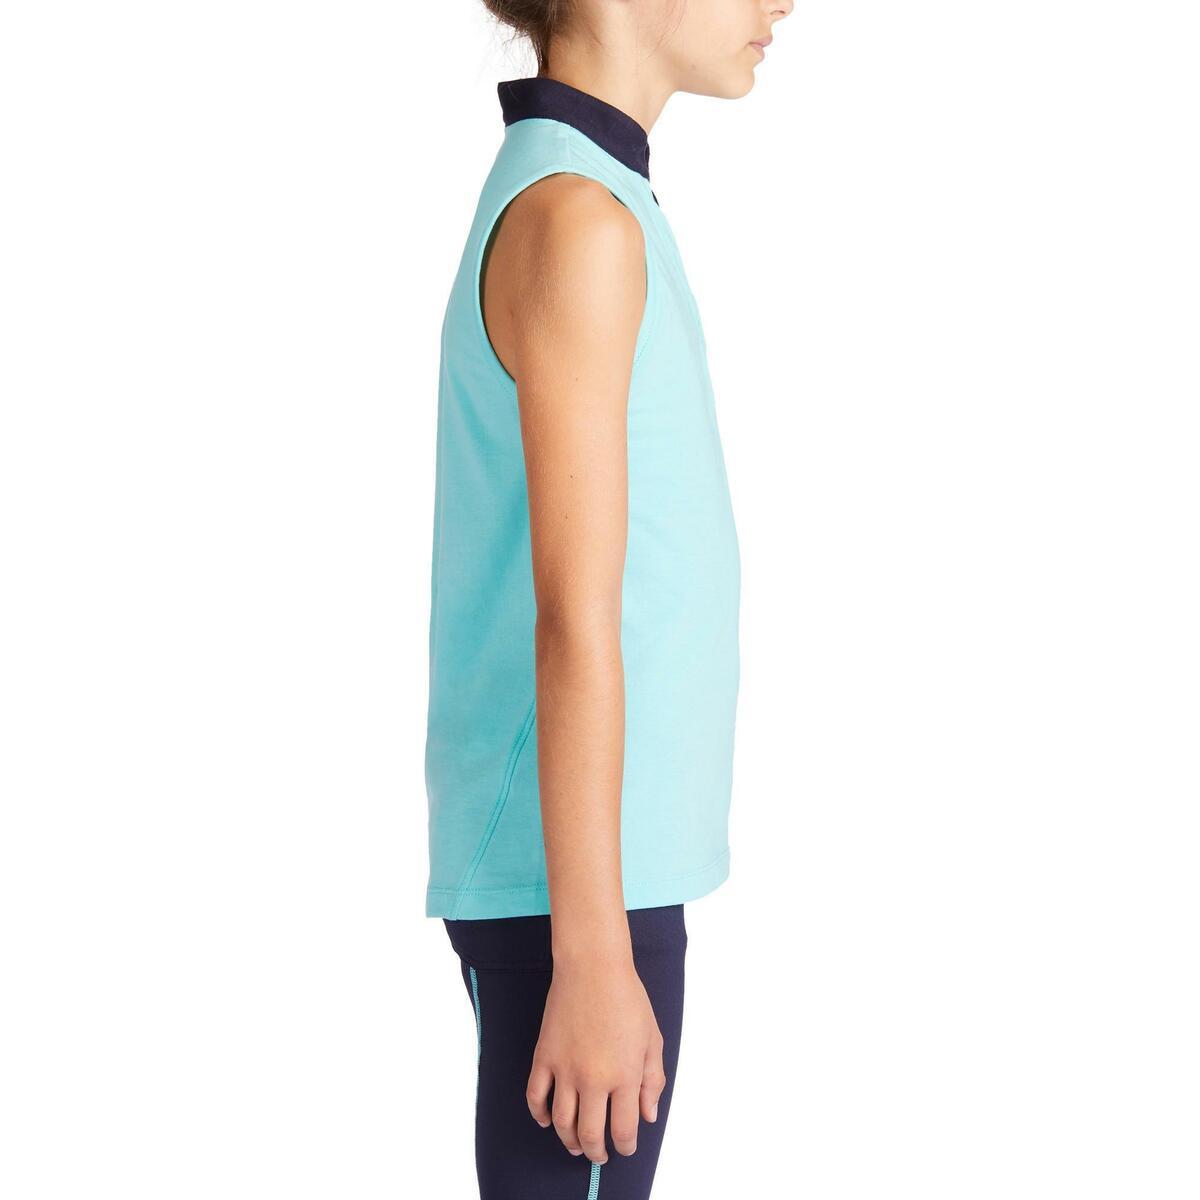 Bild 4 von Reitshirt ärmellos 100 Kinder türkis/marineblau